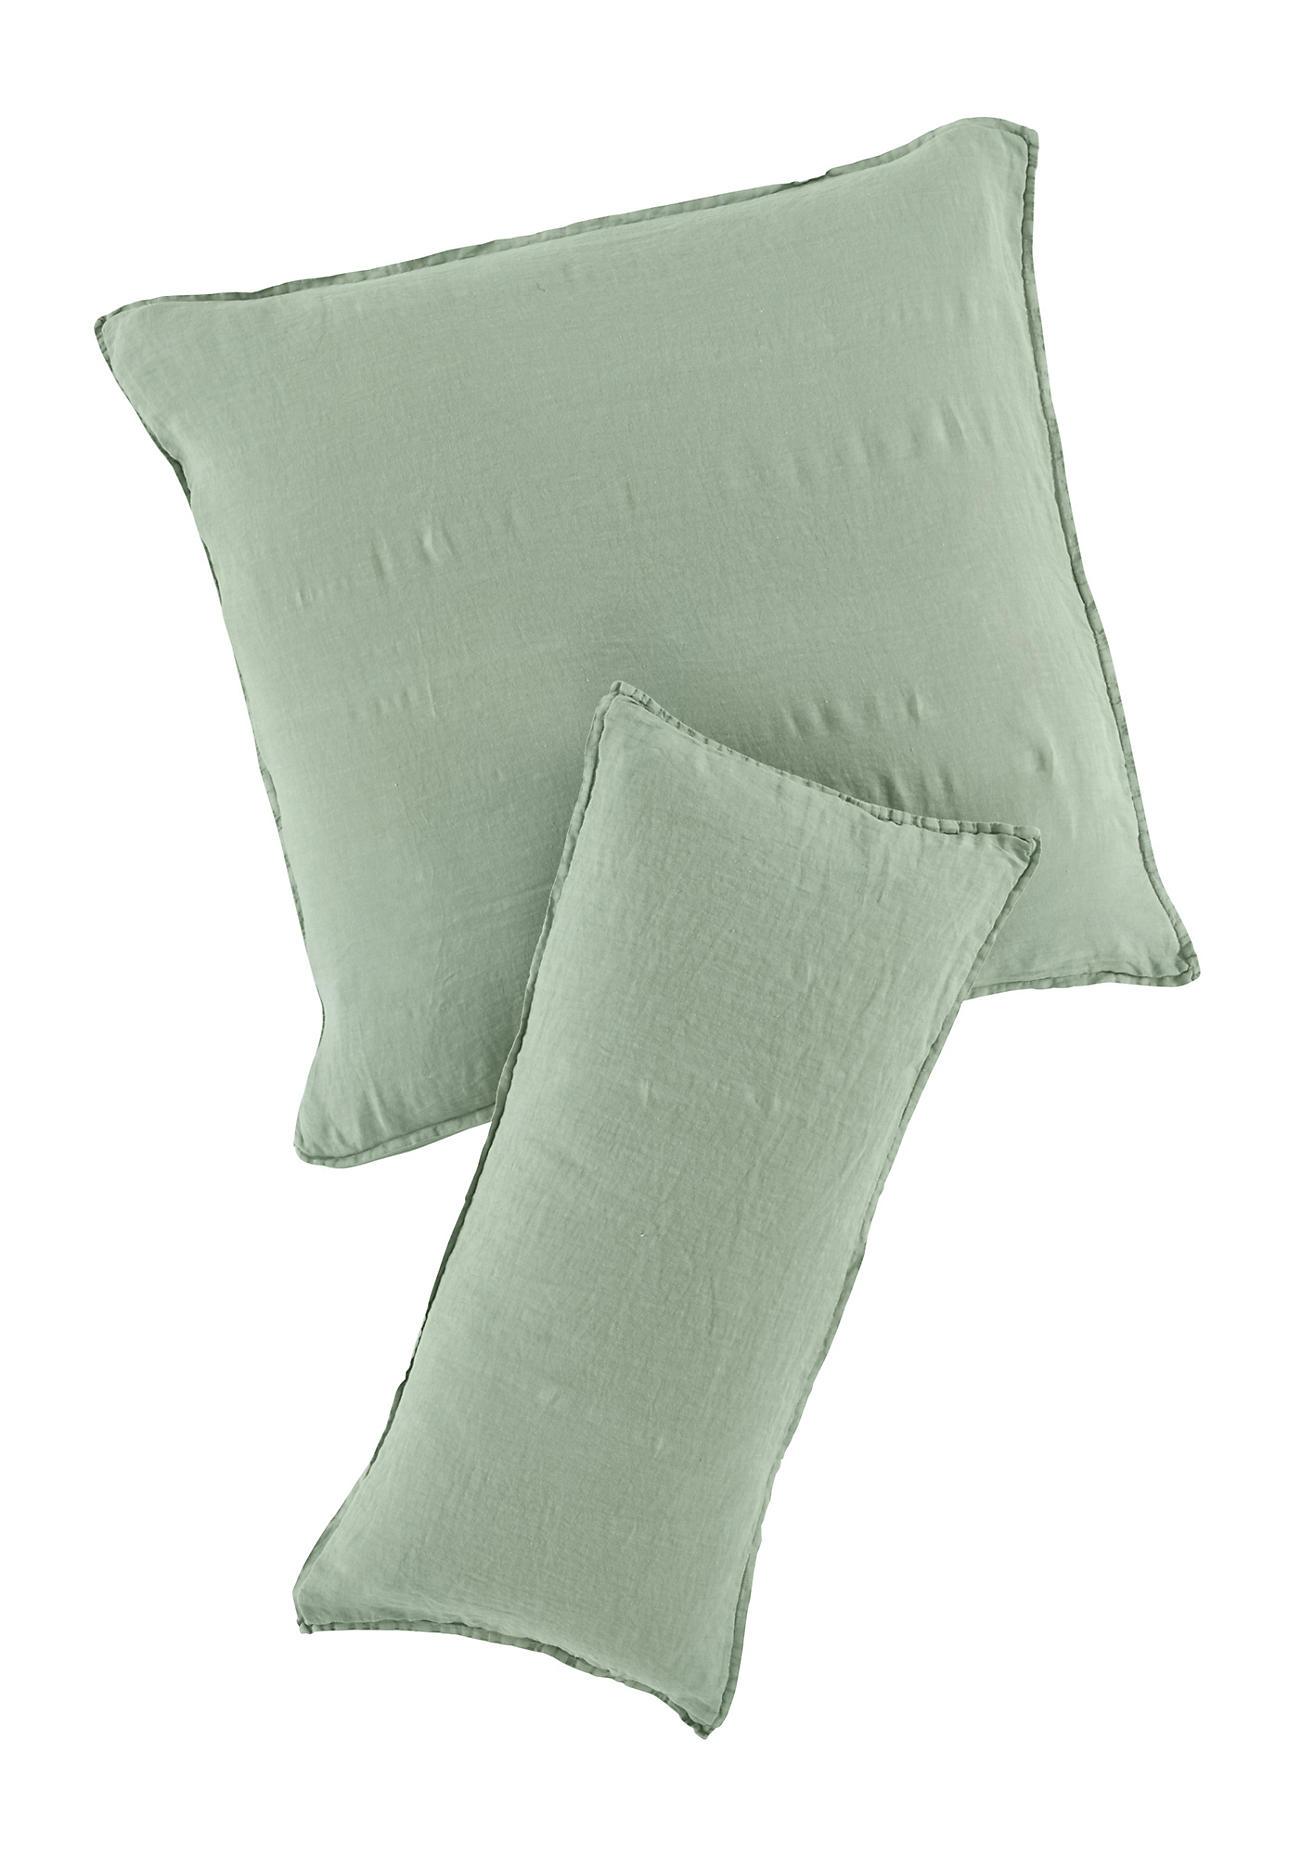 hessnatur Leinen-Kissenbezug – grün – Größe 80x80 cm